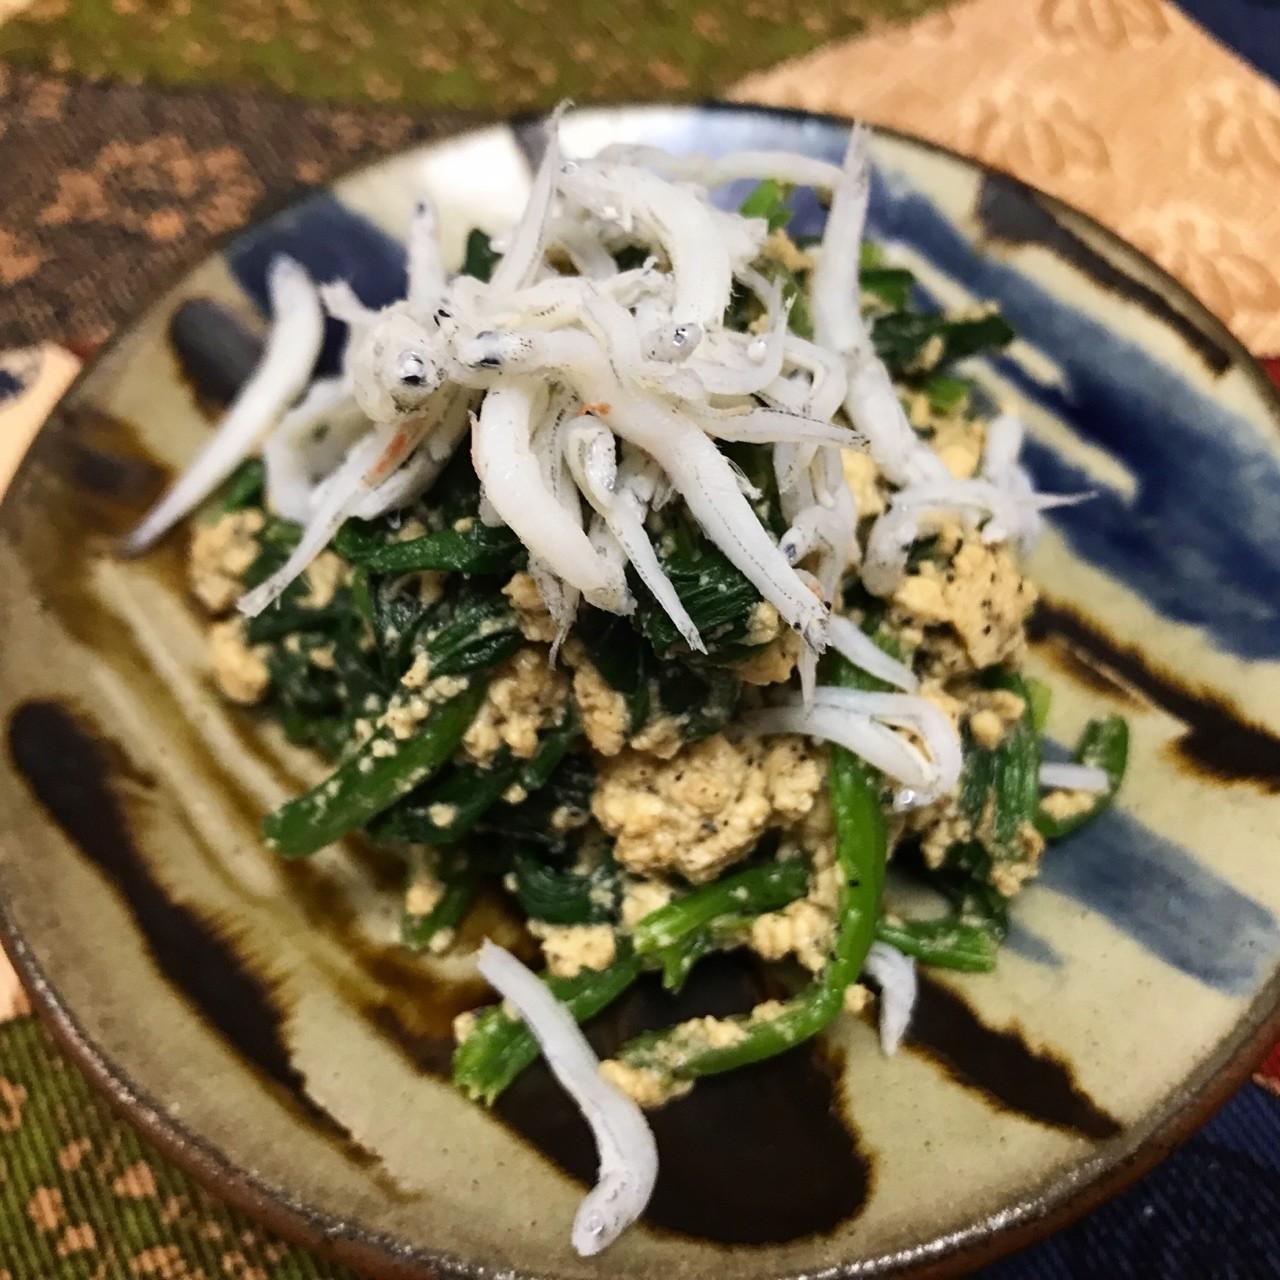 ほうれん草を茹でて、流水でアク抜きして絞って切る。きび砂糖・醤油・味噌・ごま・水気を切った豆腐を擦り合わせて、ほうれん草を和える。しらす干しがあったら、乗せる。日本酒がど真ん中だけど、コクがあるからワインでもイケますよん  #料理 #おつまみ #酒 #野菜